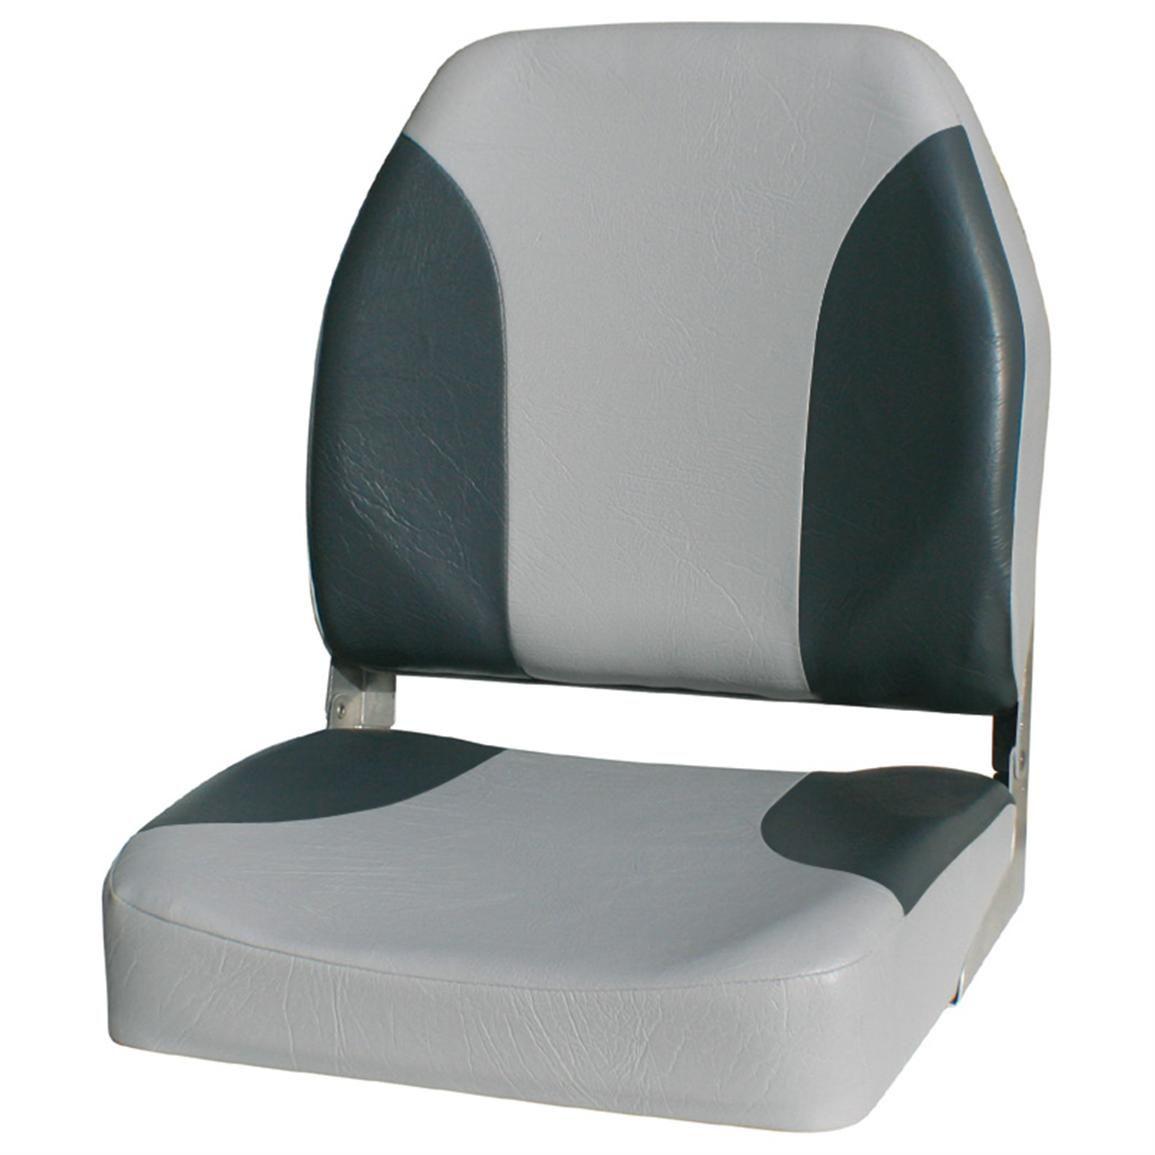 Wise Premium Big Man Fishing Boat Seat Grey Charcoal Fishing Boat Seats Boat Seats Fish Man